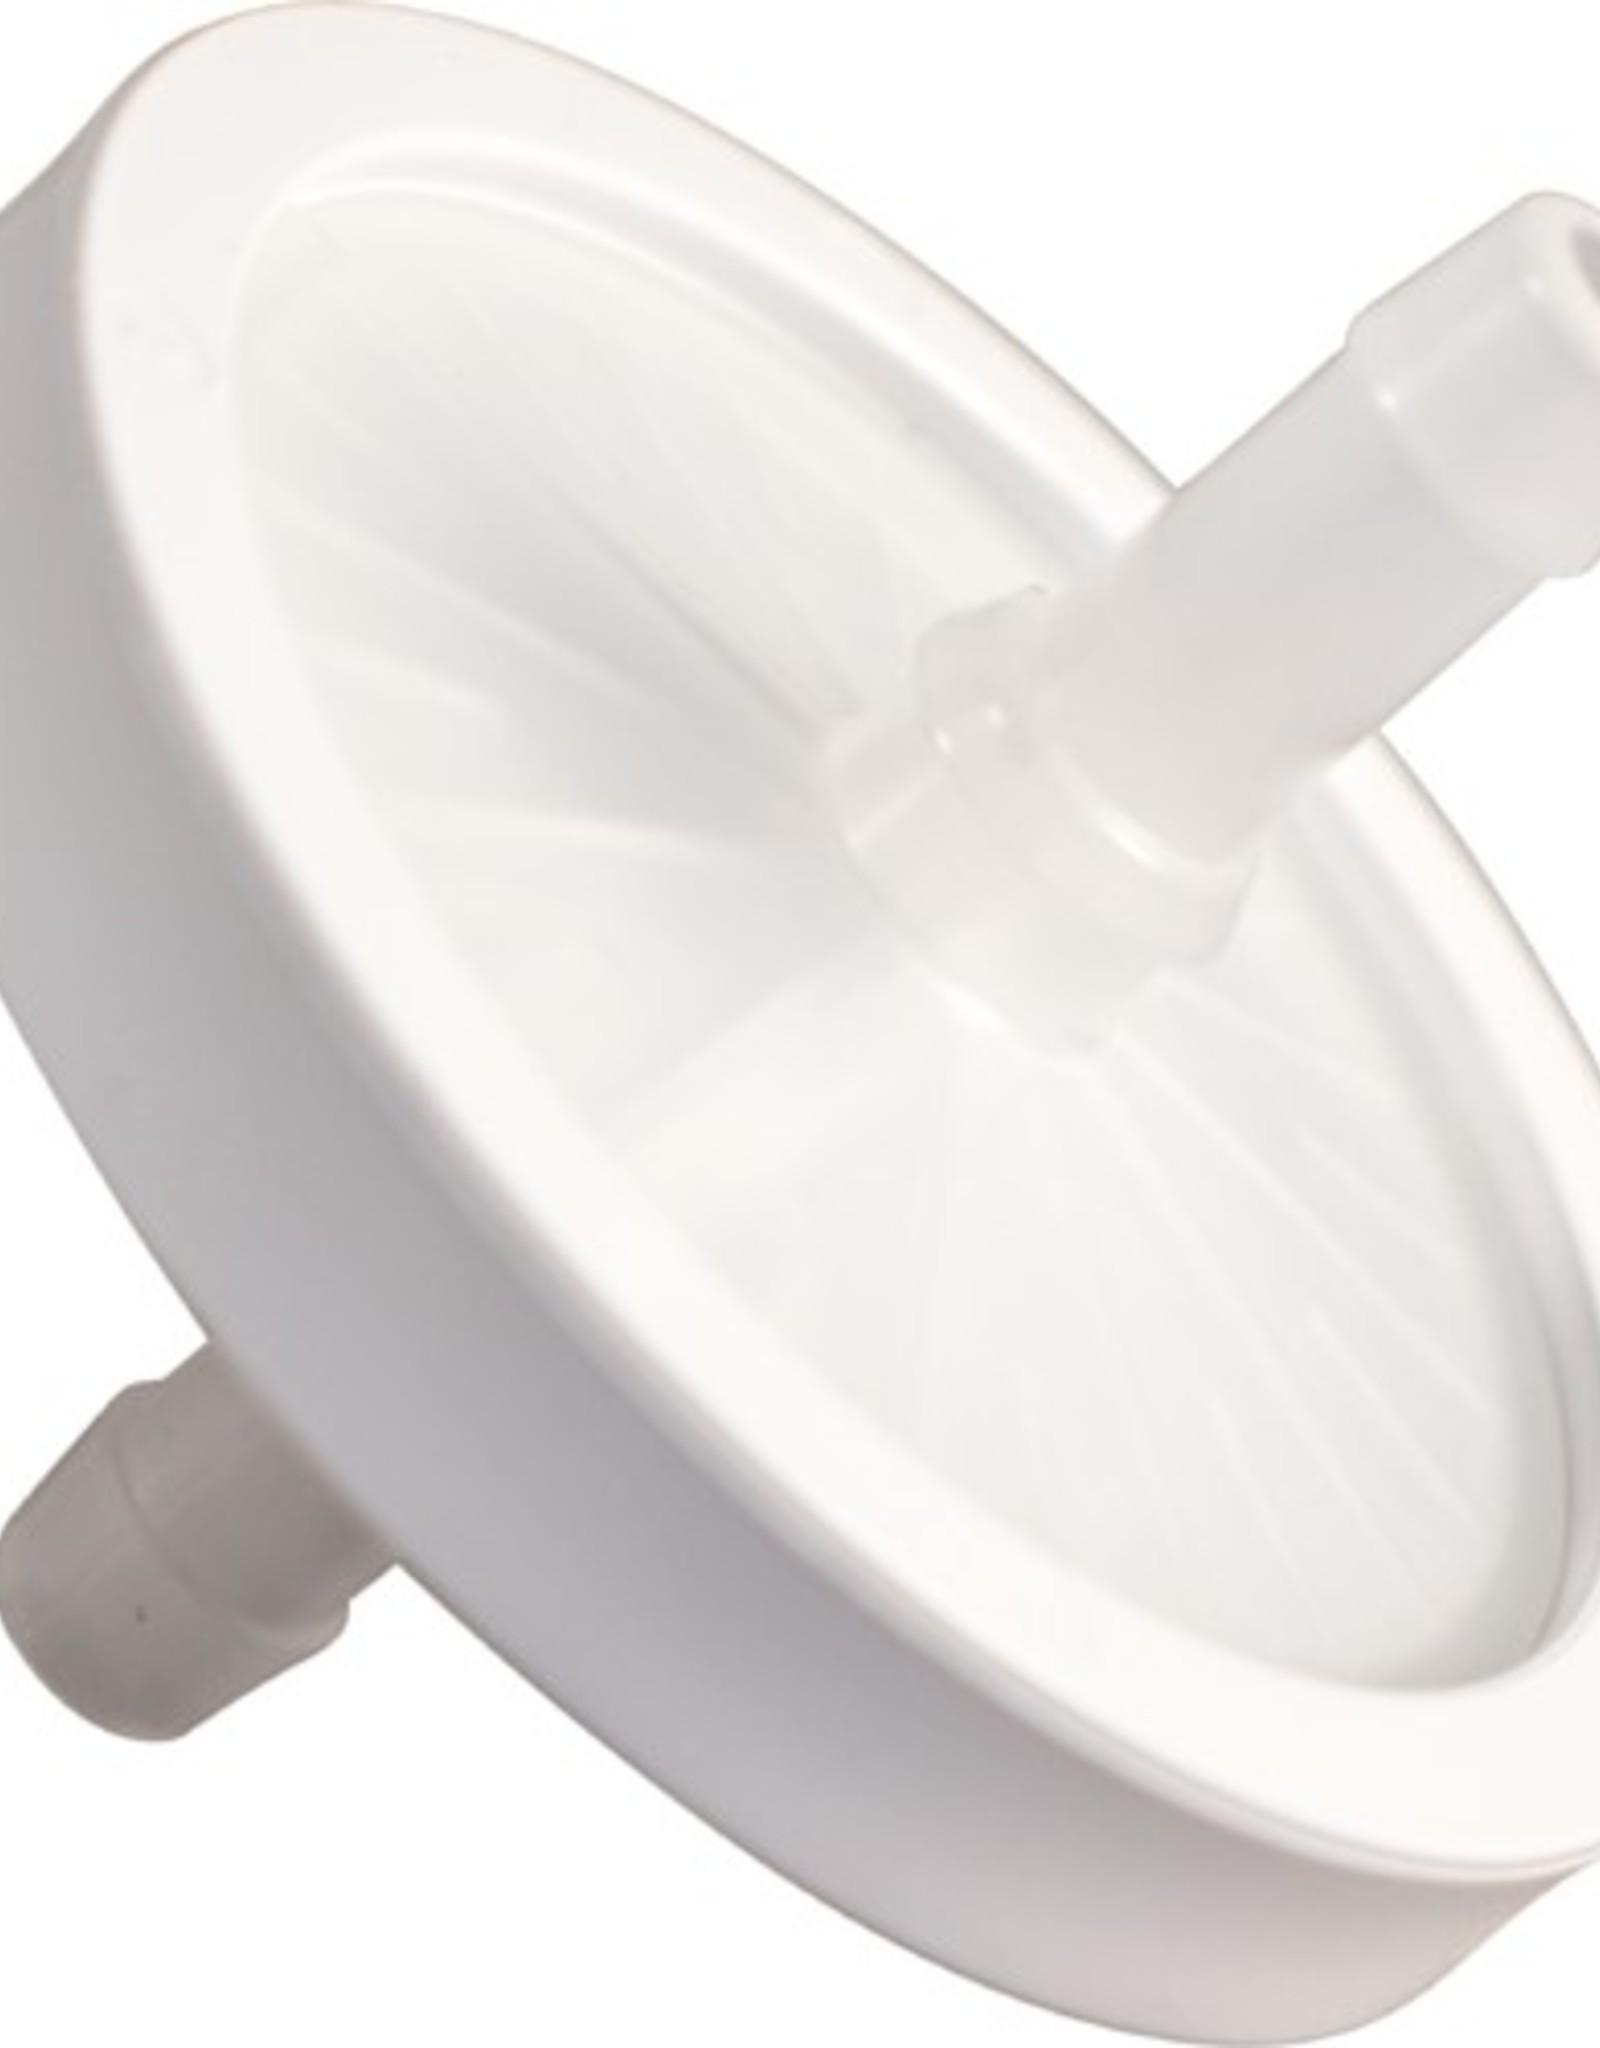 Sanitary Filter